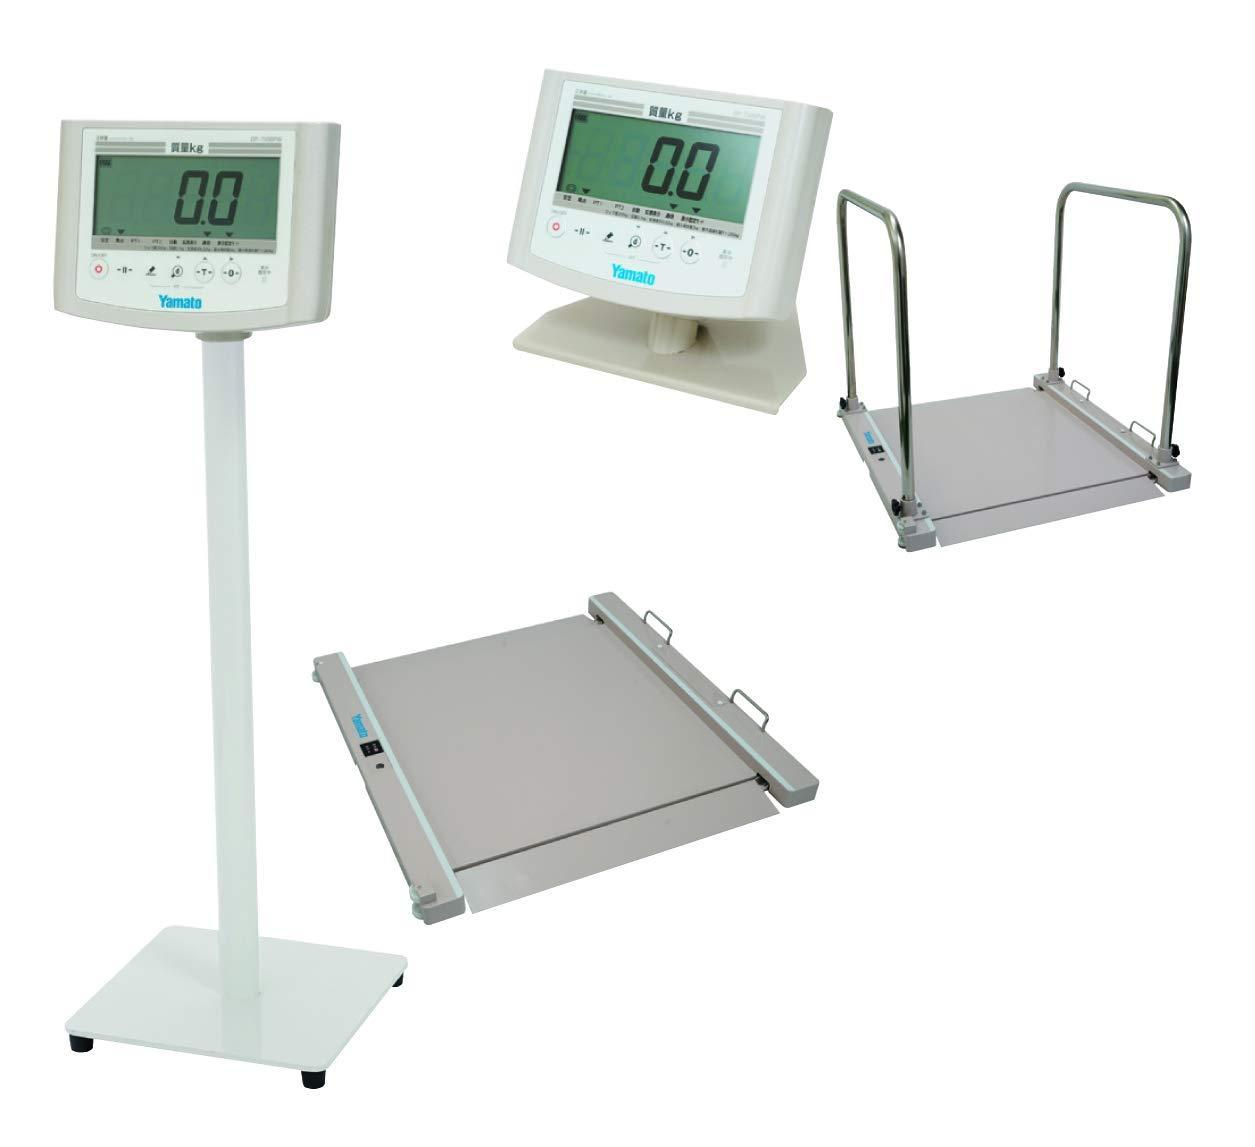 大和製衡 無線式バリアフリー体重計(検定品) DP-7500PW【smtb-s】